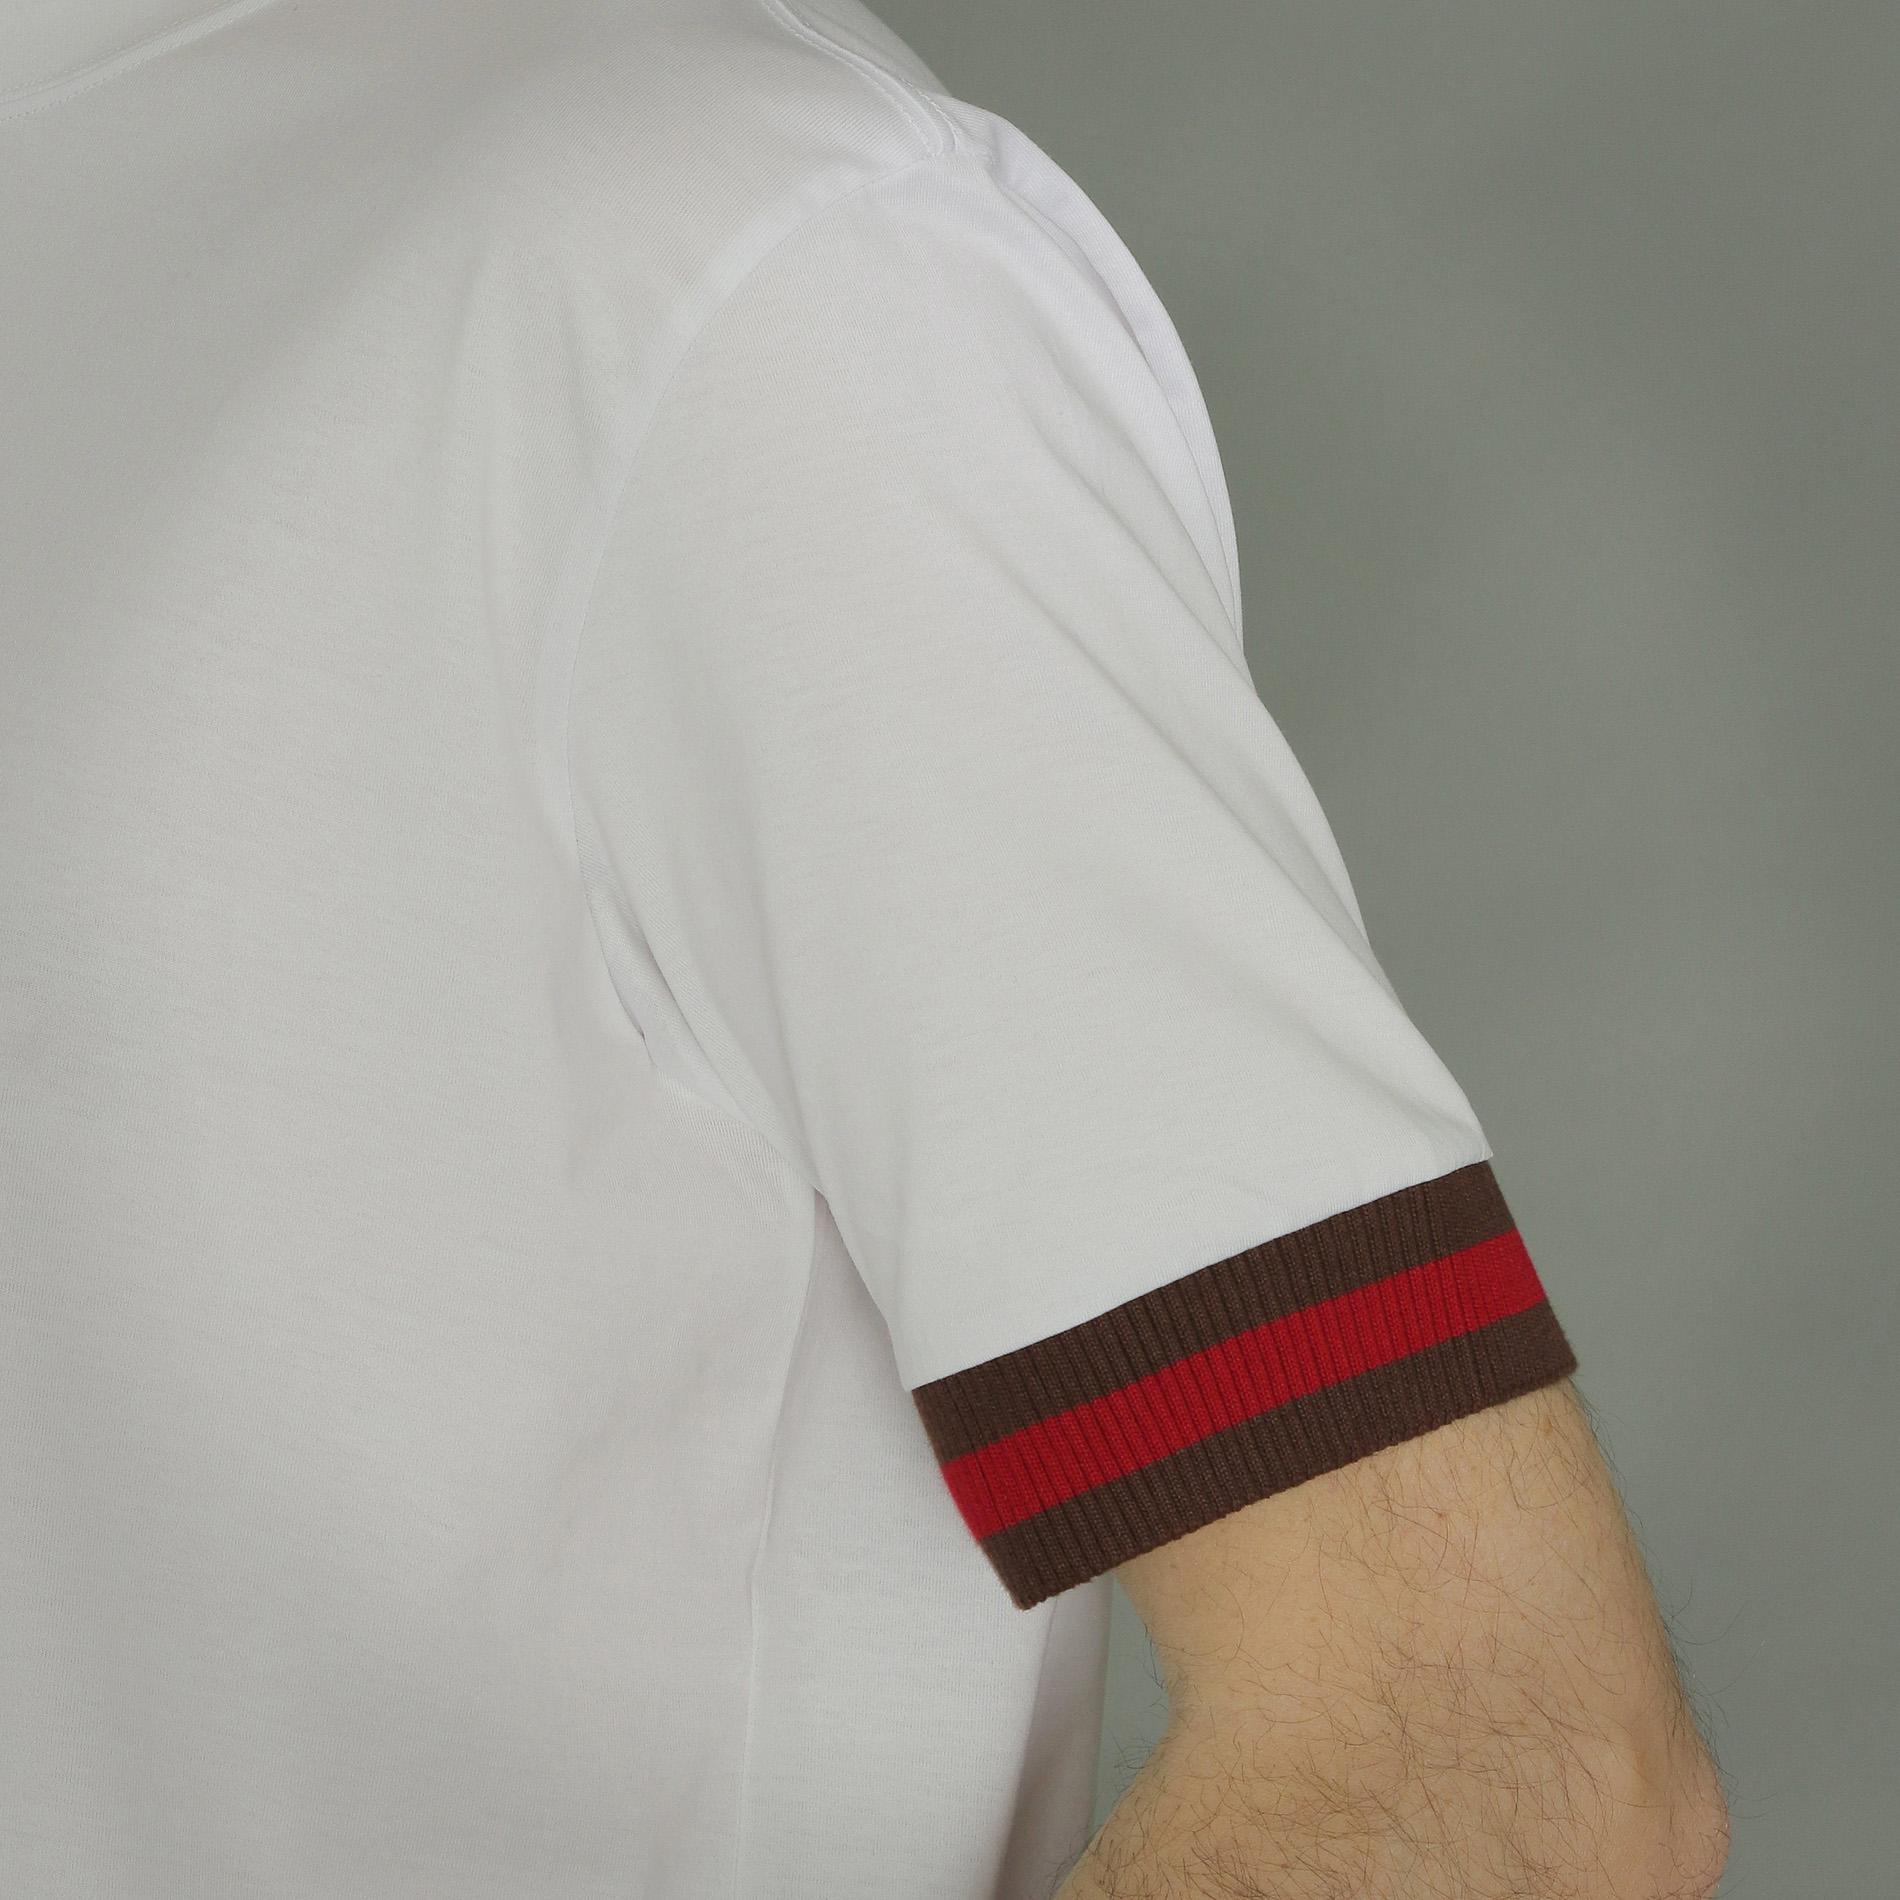 ハウスカラー袖ラインTシャツ